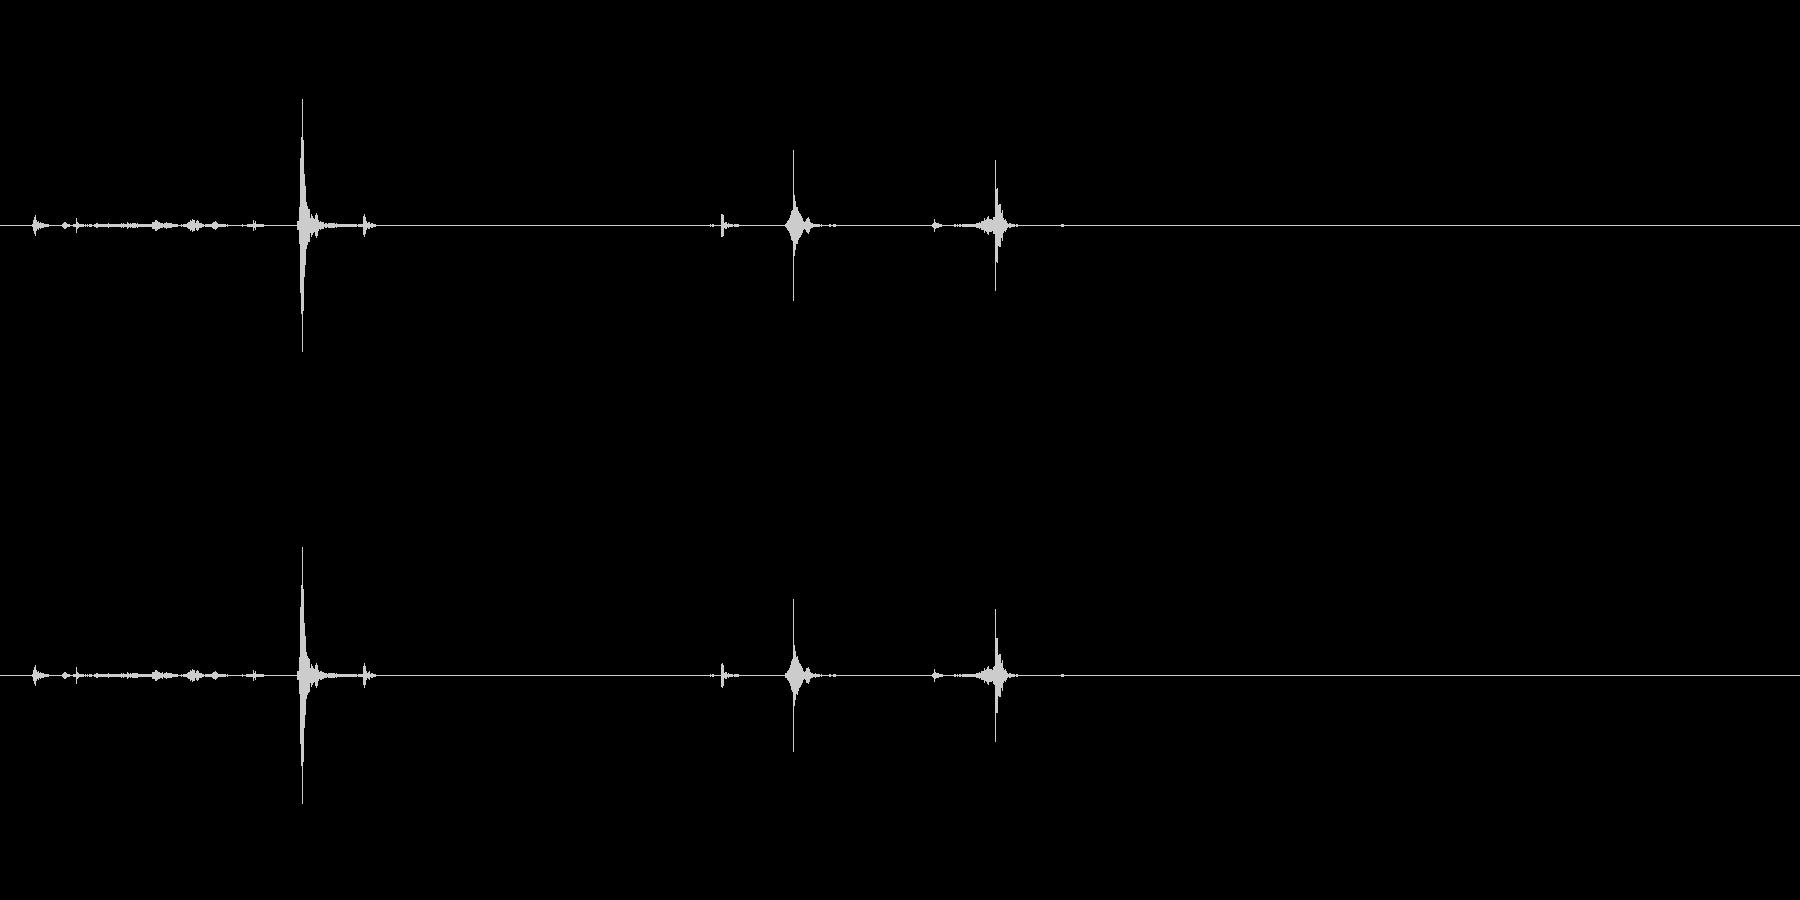 フロッピーディスクの挿入と抜去#6の未再生の波形